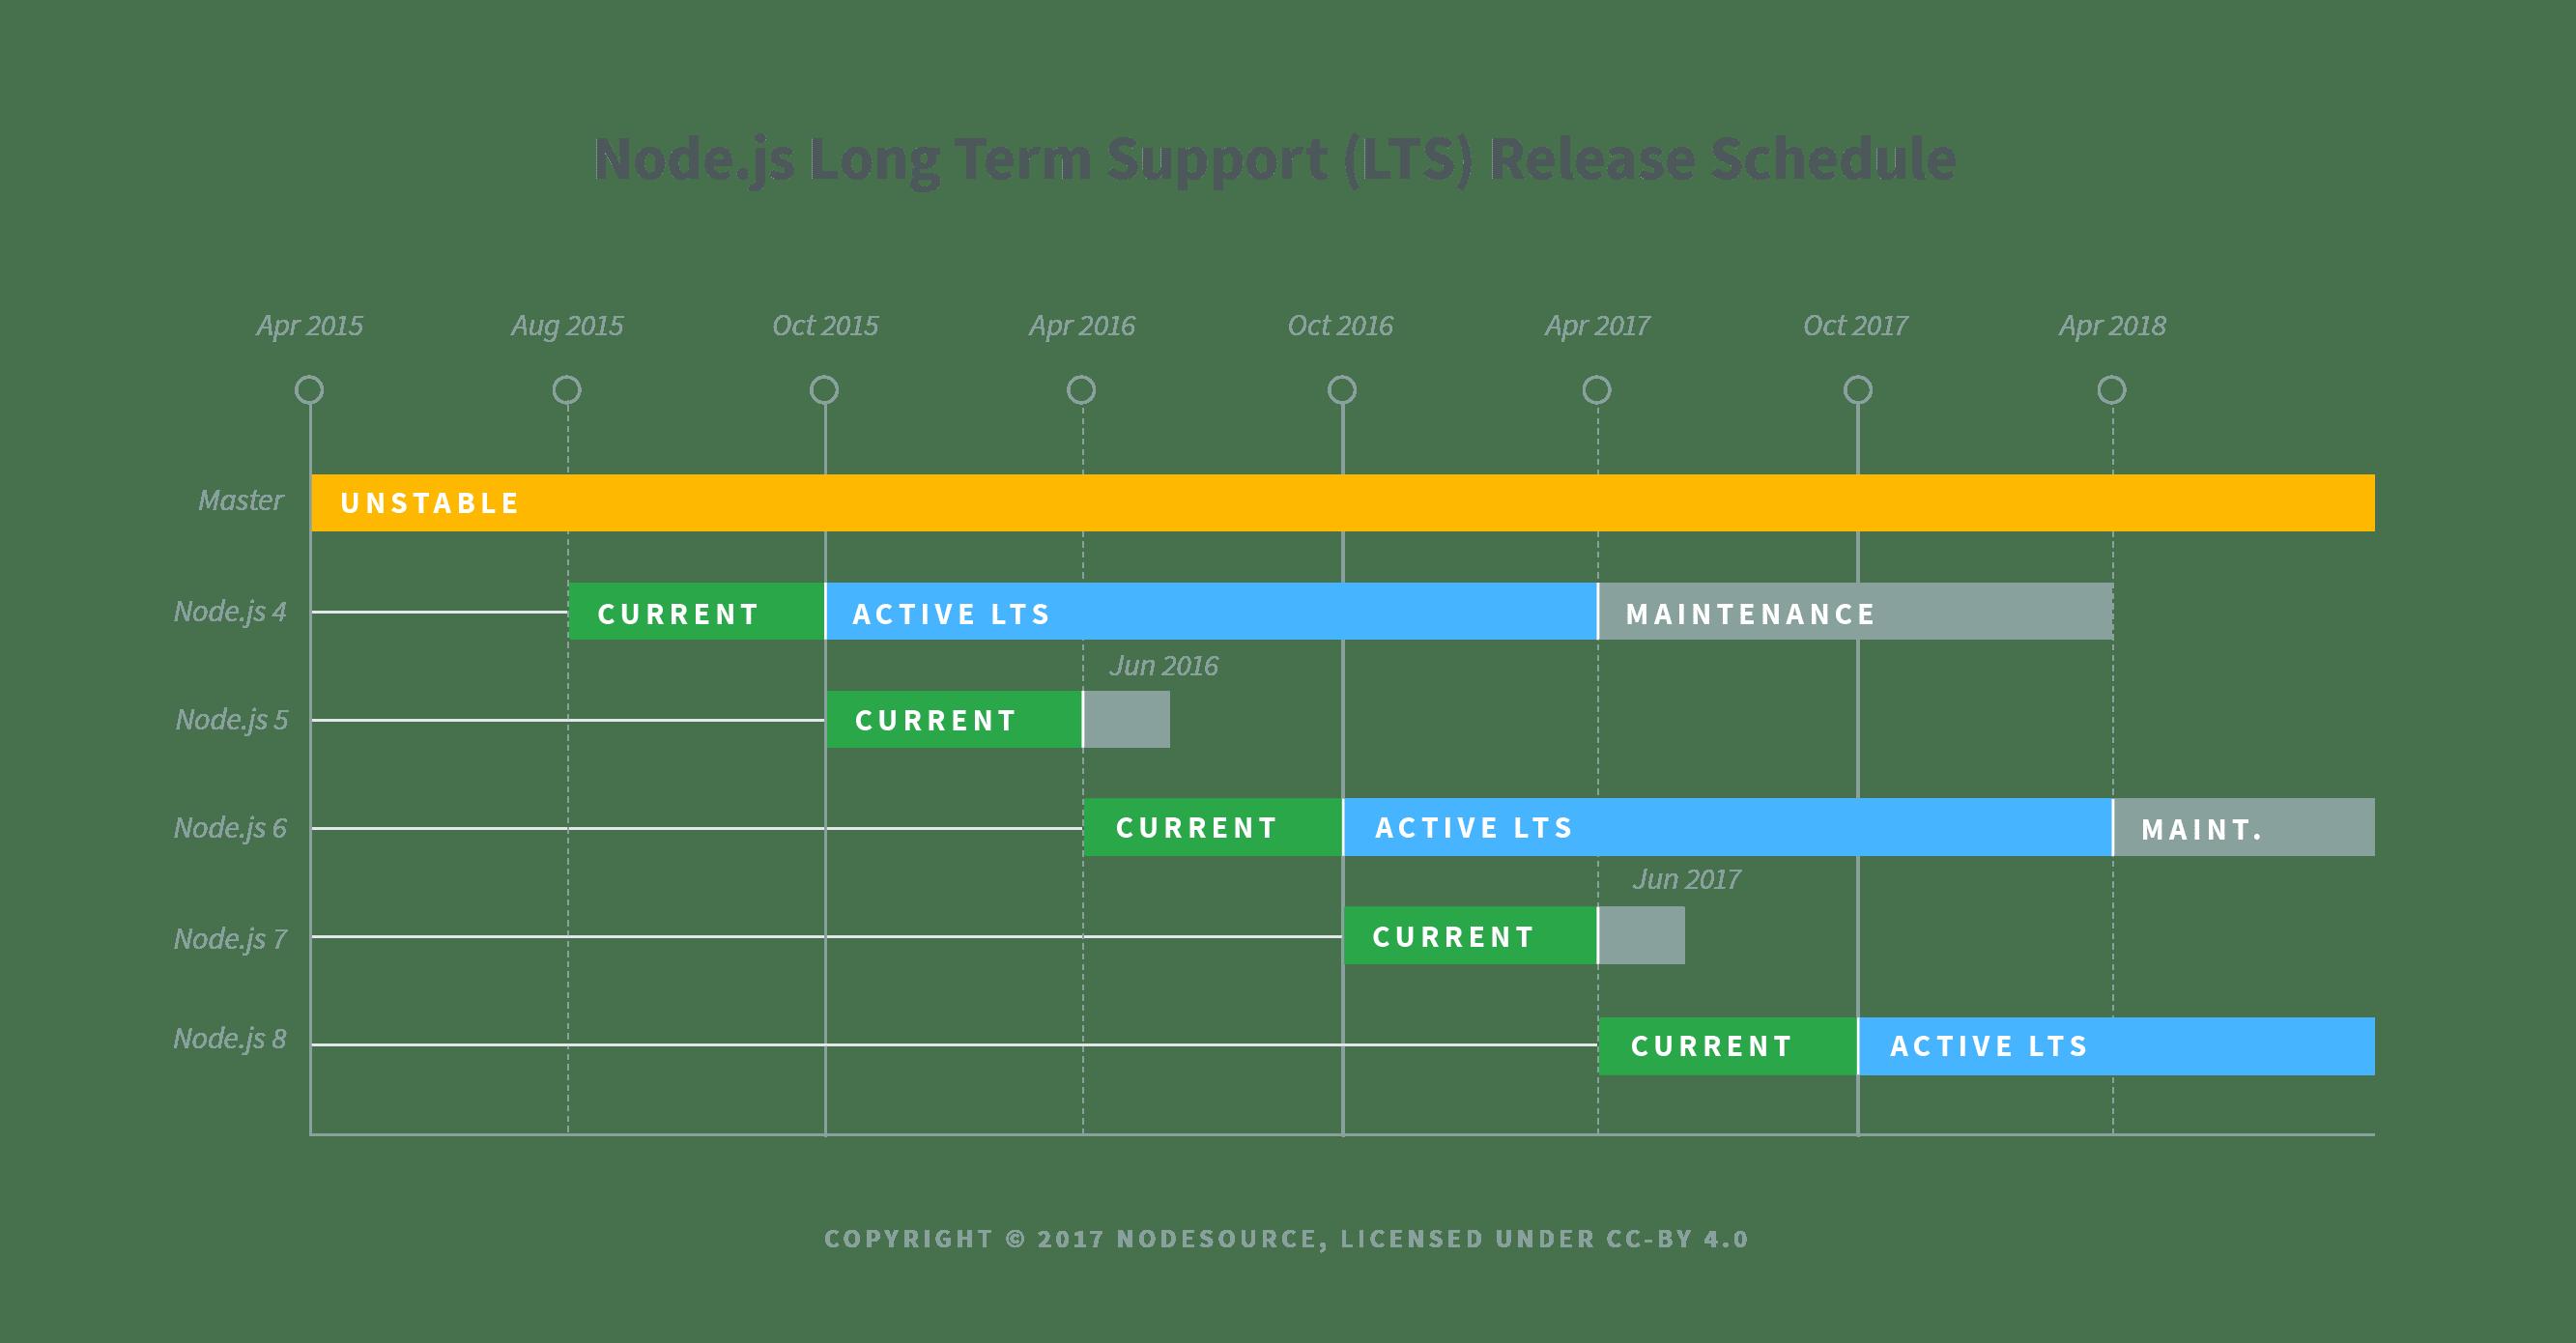 Long Term Support de Node.js